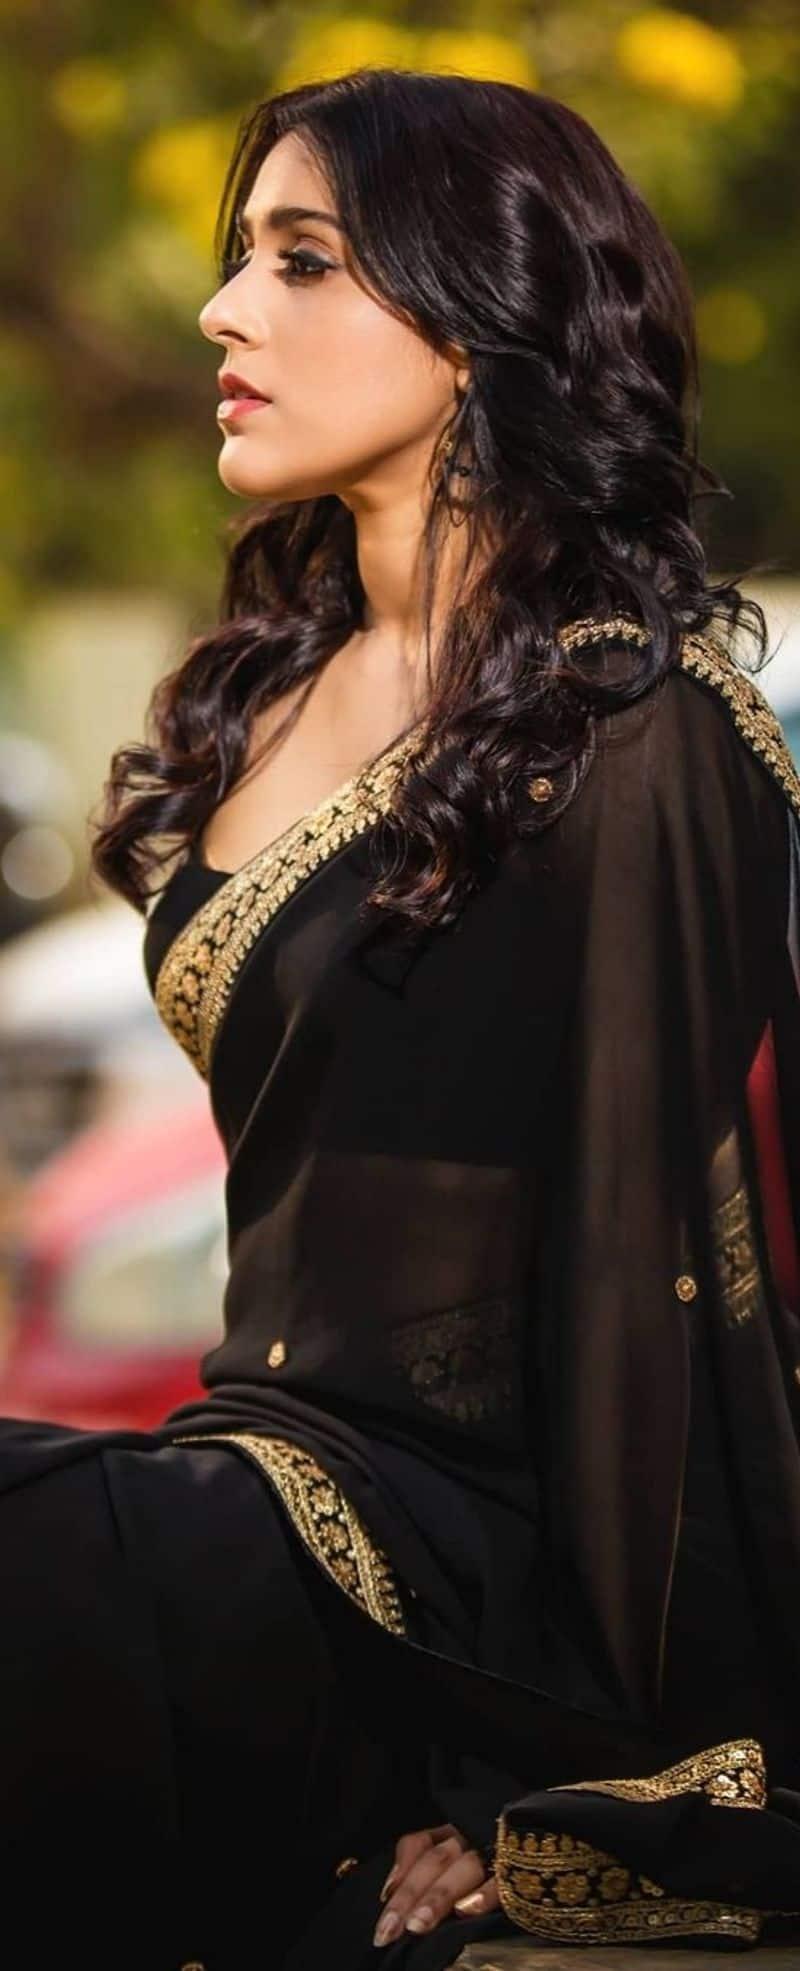 రష్మీ ఇంస్టాగ్రామ్ ఫోటో షూట్స్ కి చాలా ఫేమస్. తరచుగా ఆమె పంచుకునే హాట్ హాట్ ఫోటోస్వైరల్ అవుతూ ఉంటాయి.